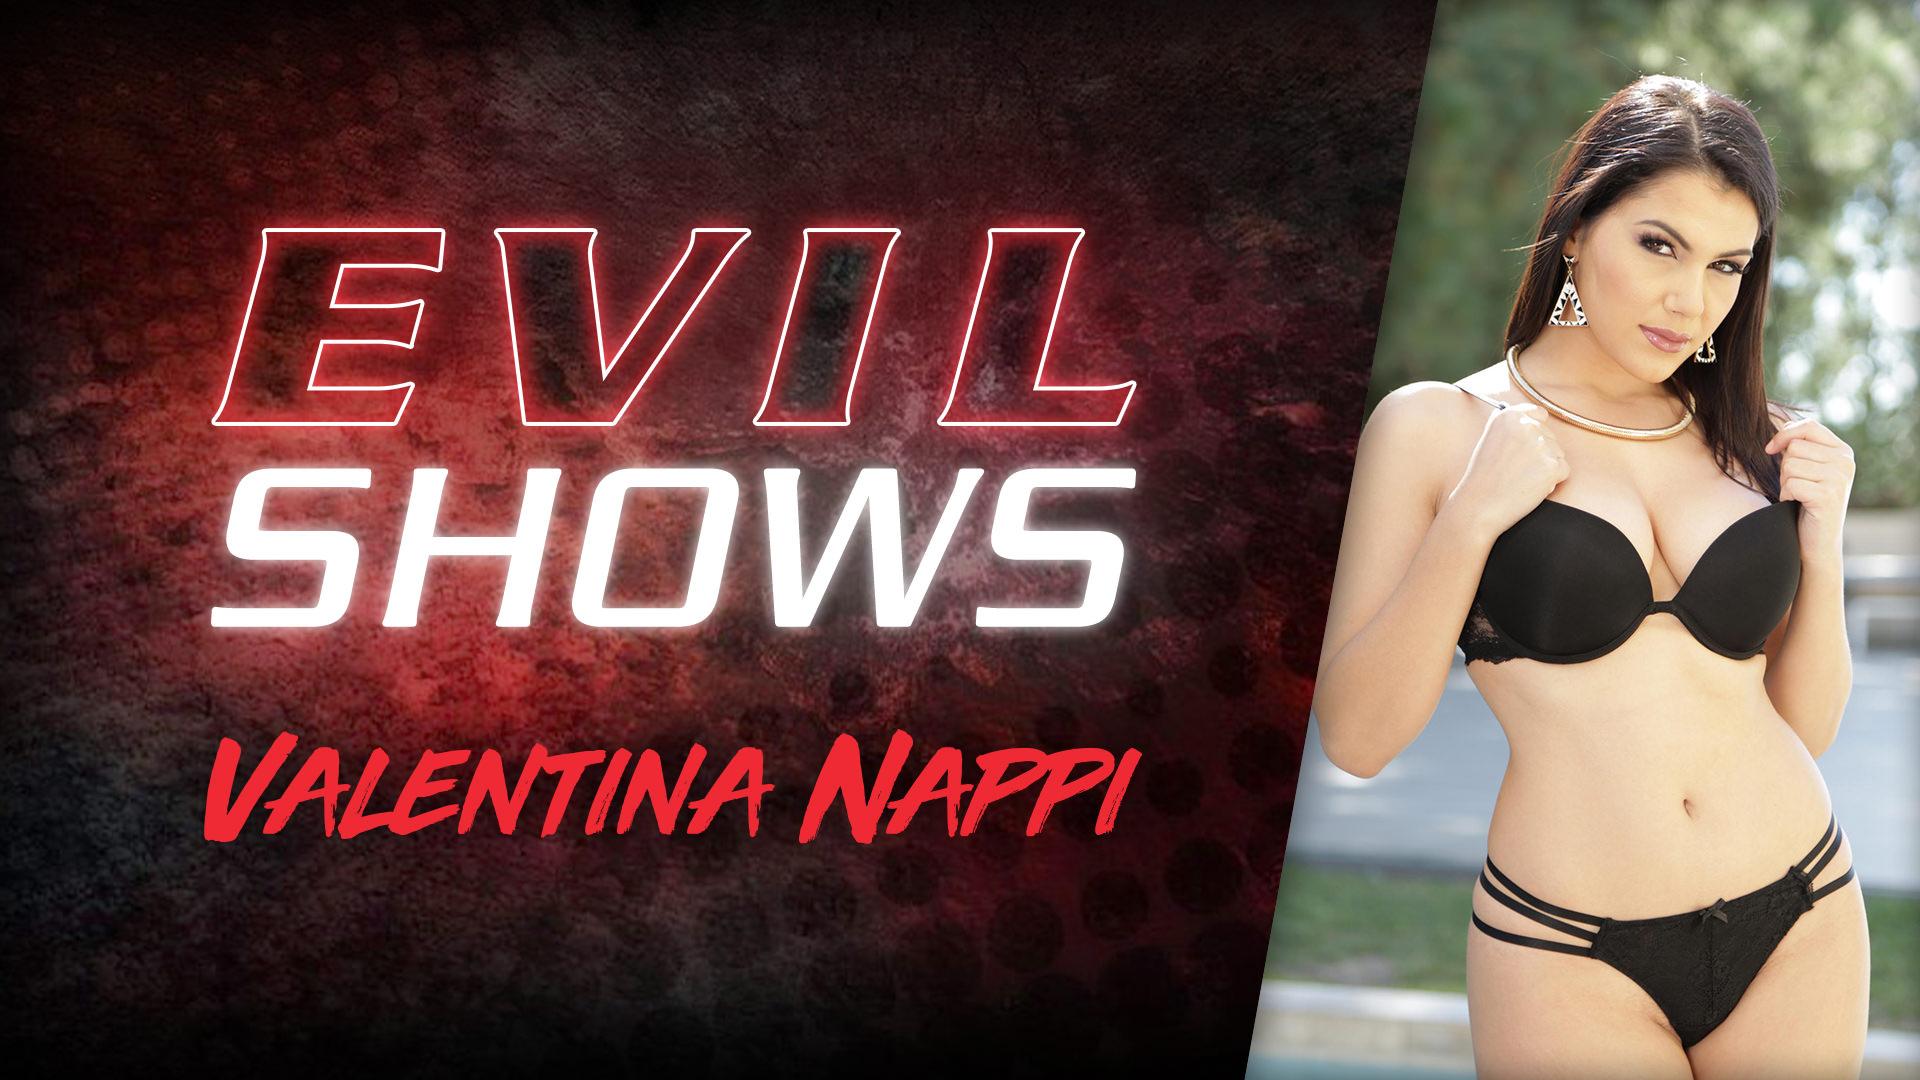 Evil Shows - Valentina Nappi - Valentina Nappi 1